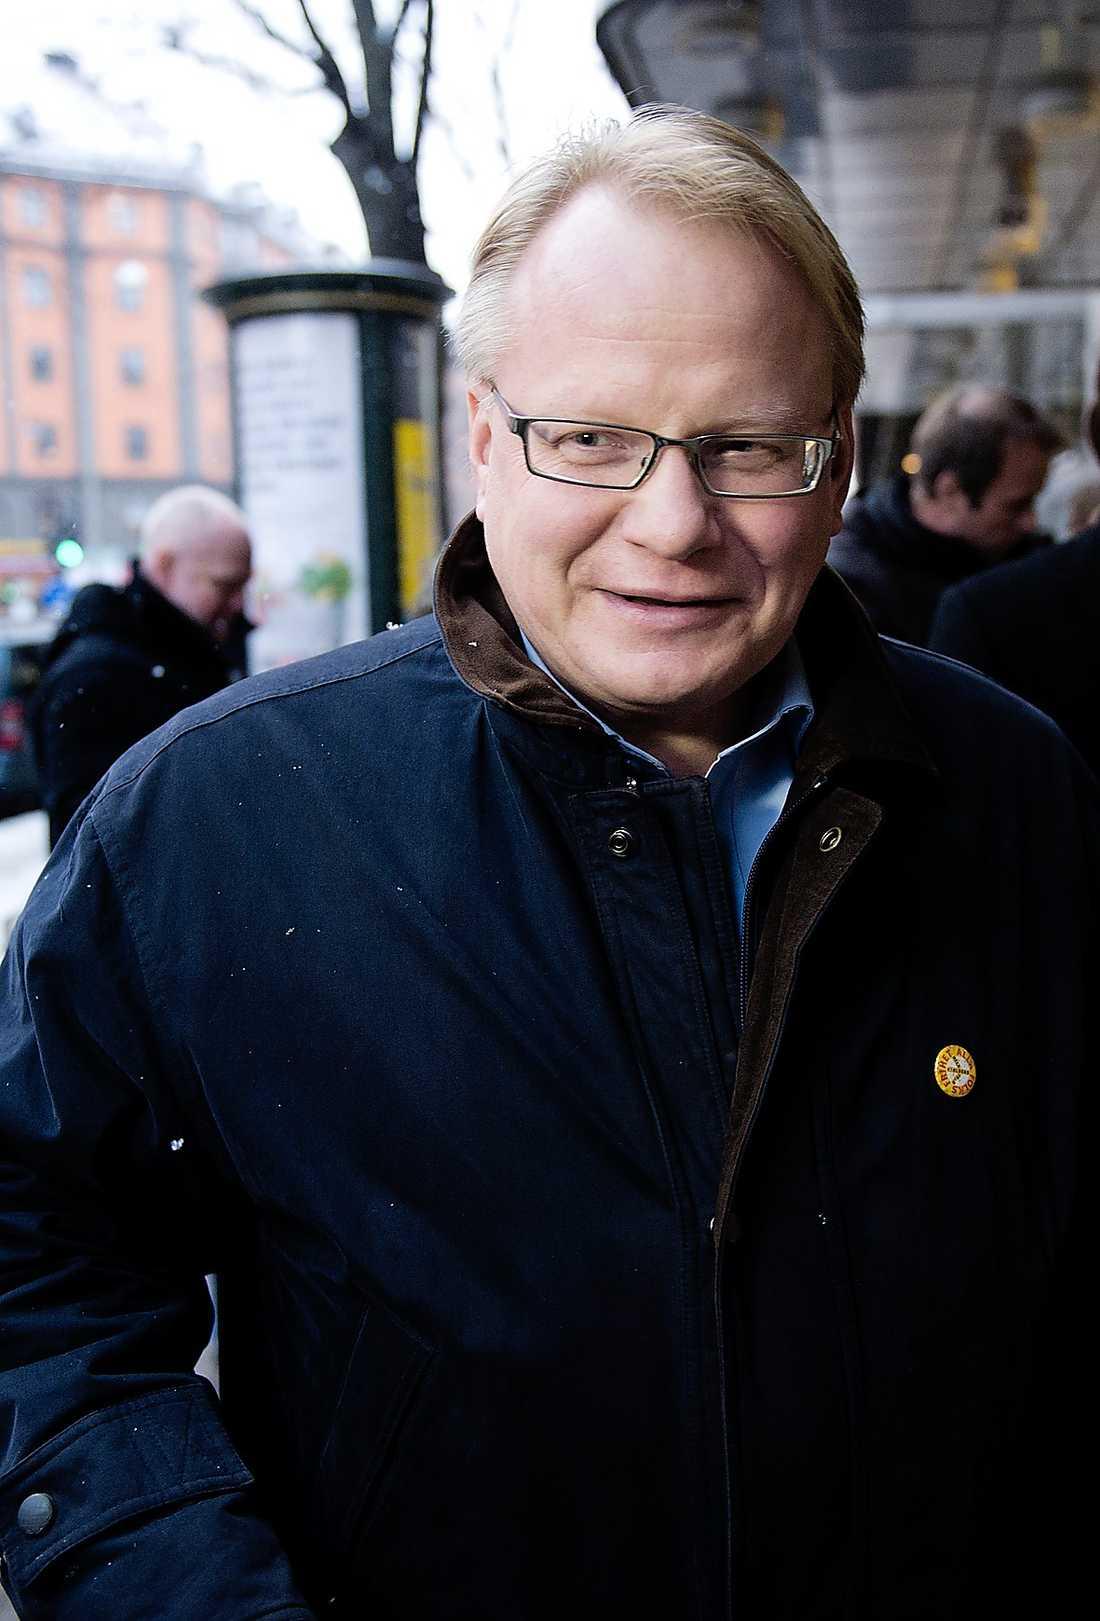 Peter Hultqvist, 53, riksdagsledamot och S-ordförande i Dalarna: Kommer från Dalarna, normalt ett av skogslänen. Men förra gången lierade man sig med vänsterfalangen och blev avgörande för att Håkan Juholt skulle kunna väljas.